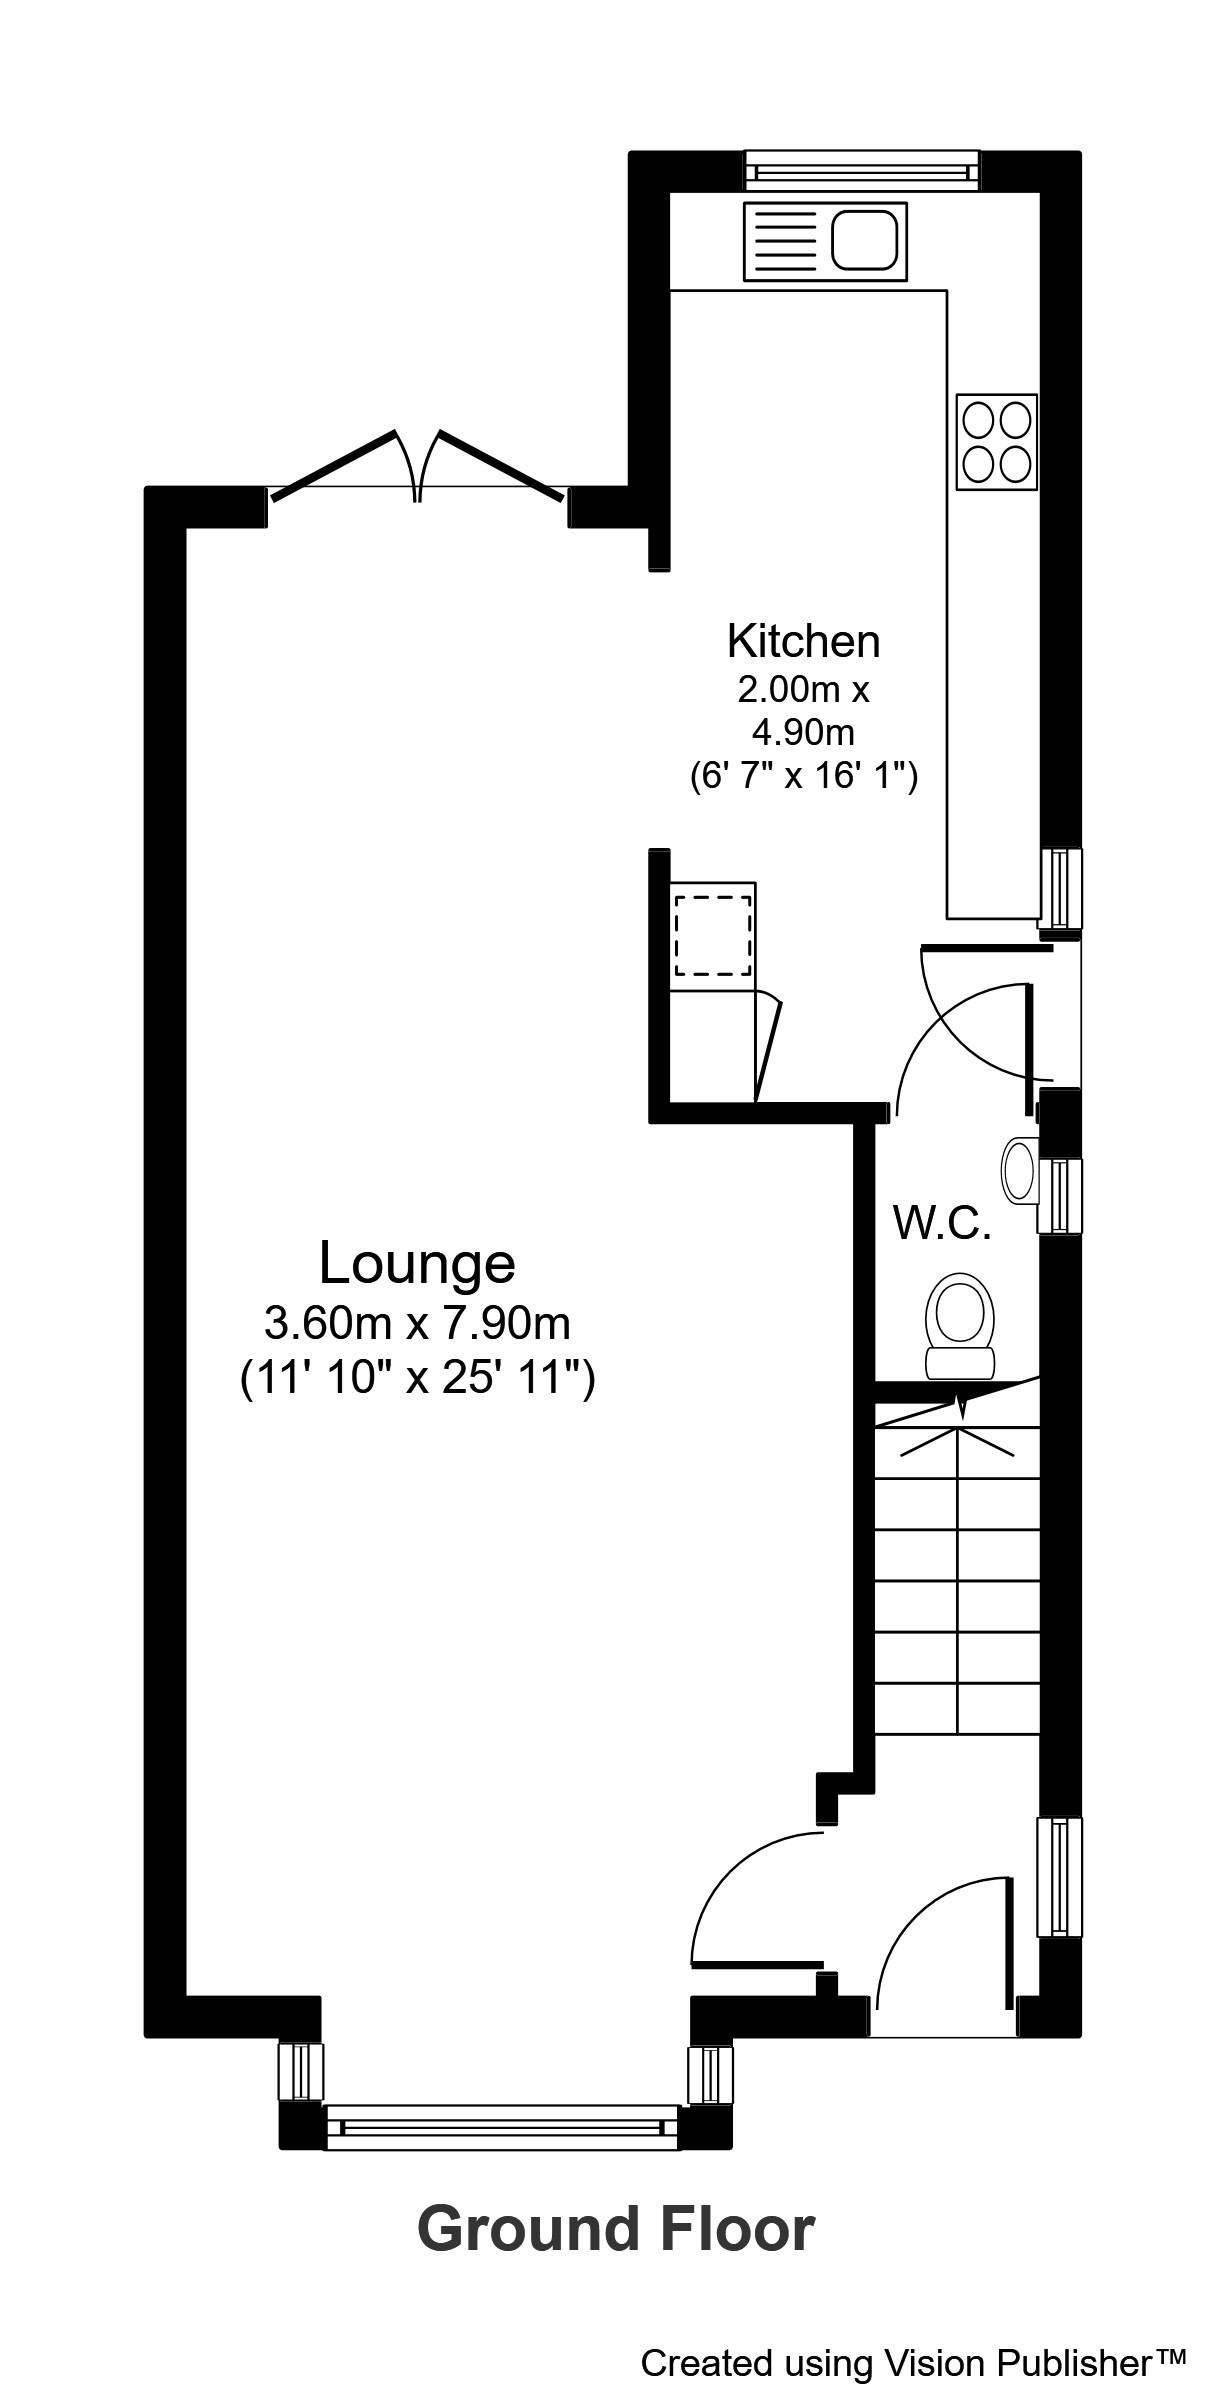 18 montrose ave Floor Plans (Auto Sized) (1)